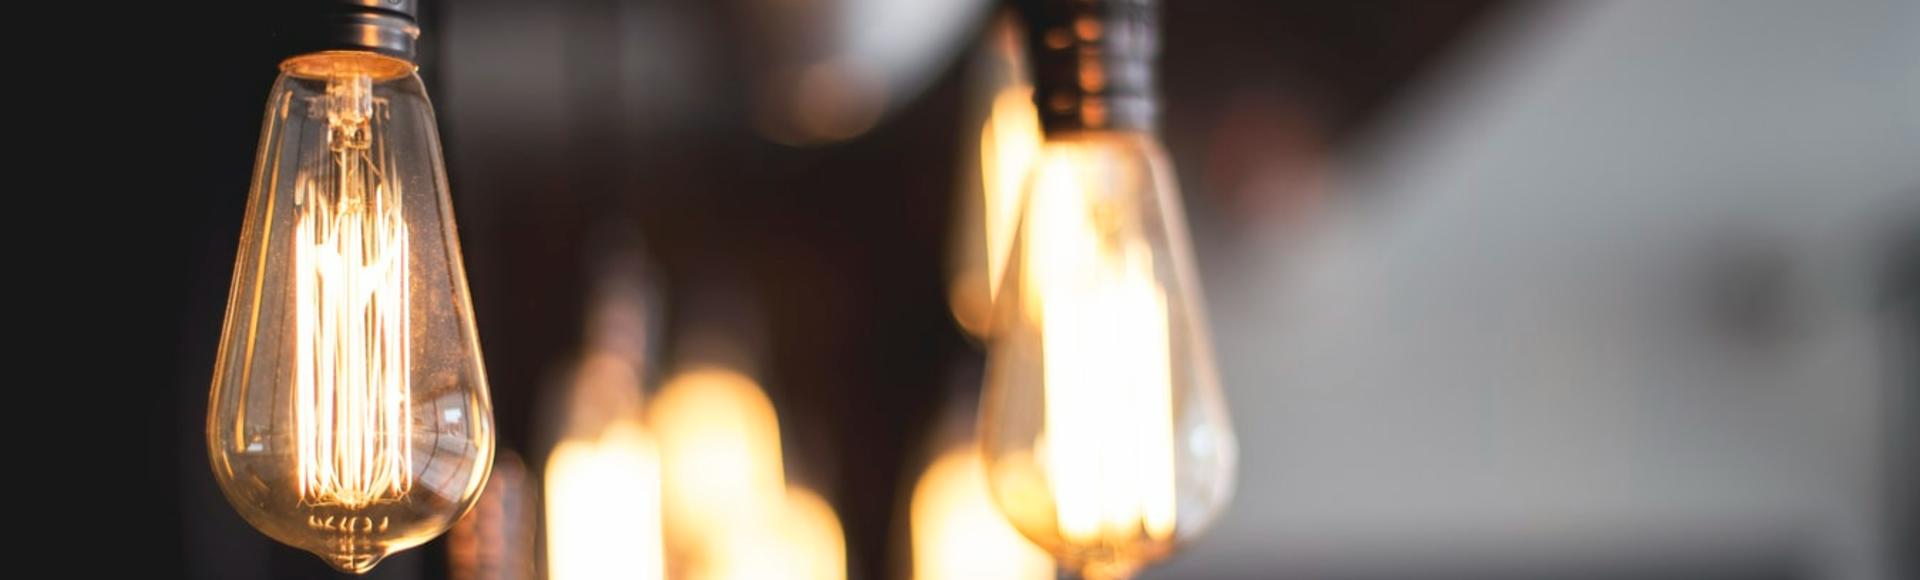 Reciclar lâmpadas usadas